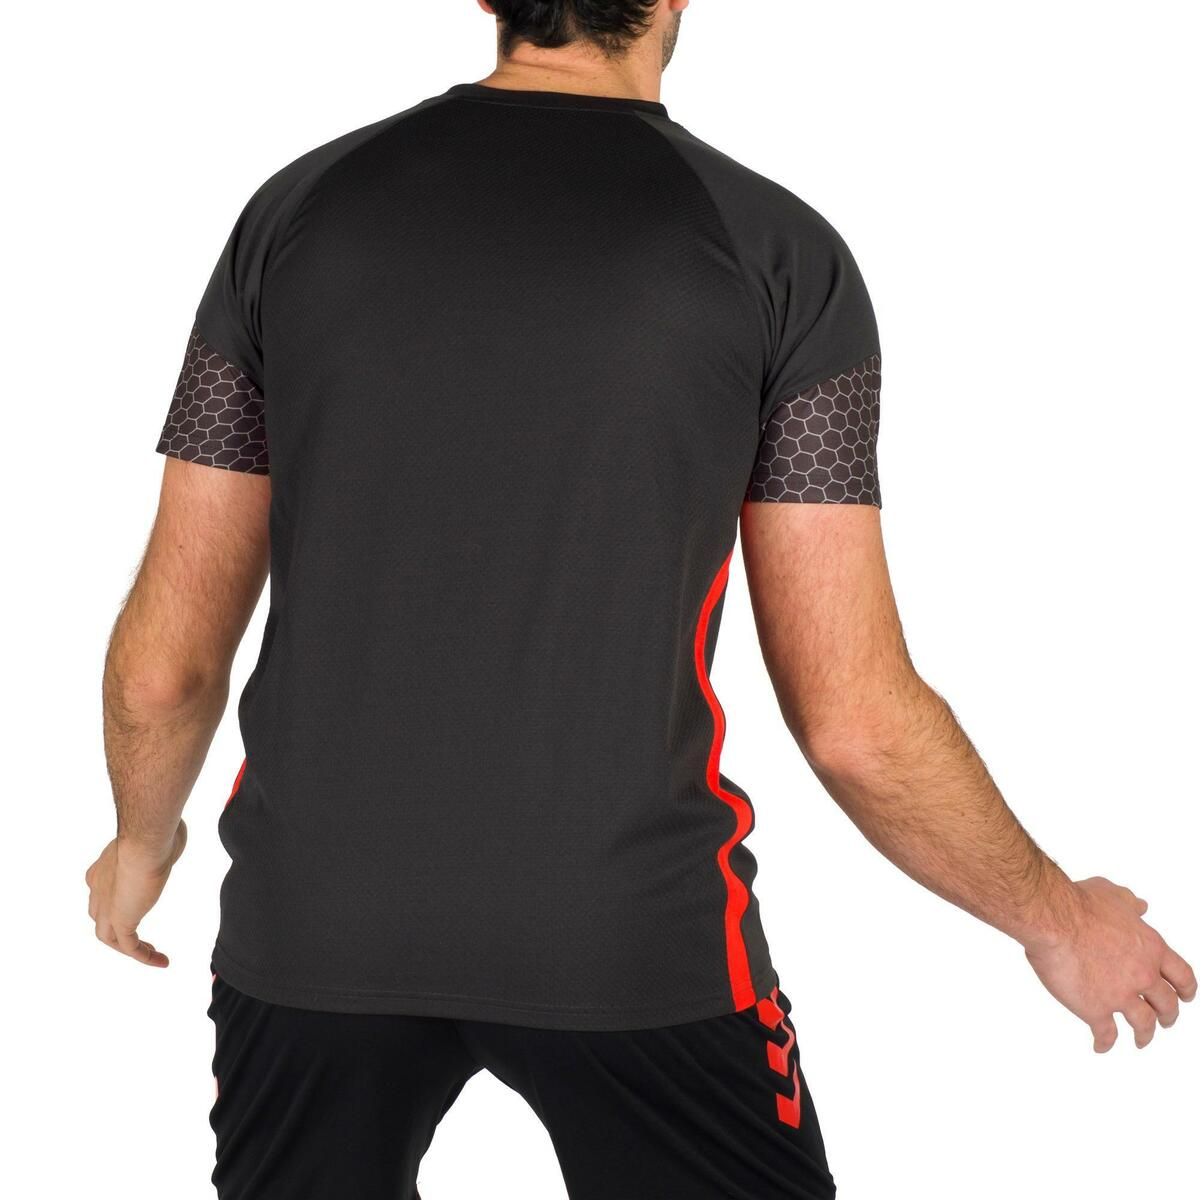 Bild 4 von Handballtrikot Herren grau/rot